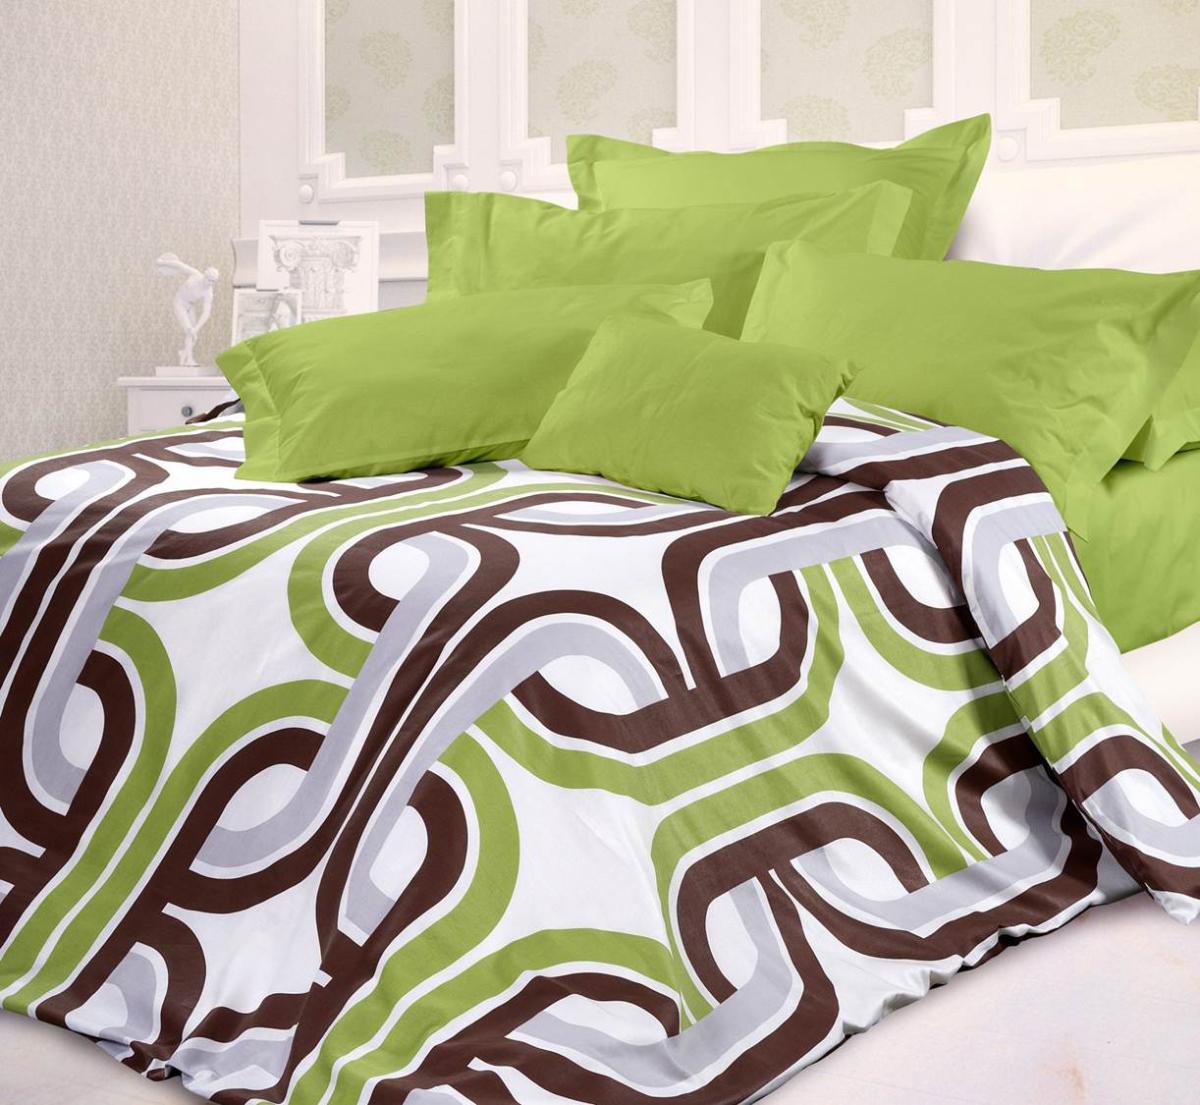 Комплект белья Унисон Антуан, евро, наволочки 70 х 70, цвет: зеленый. 332482391602Роскошная коллекция постельного белья из 100% хлопкавысшего качества. Мягкий, износостойкий, нежный сатин сблагородным шелковистым блеском производится изкрученой хлопковой нити поспециальной технологии двойного плетения.